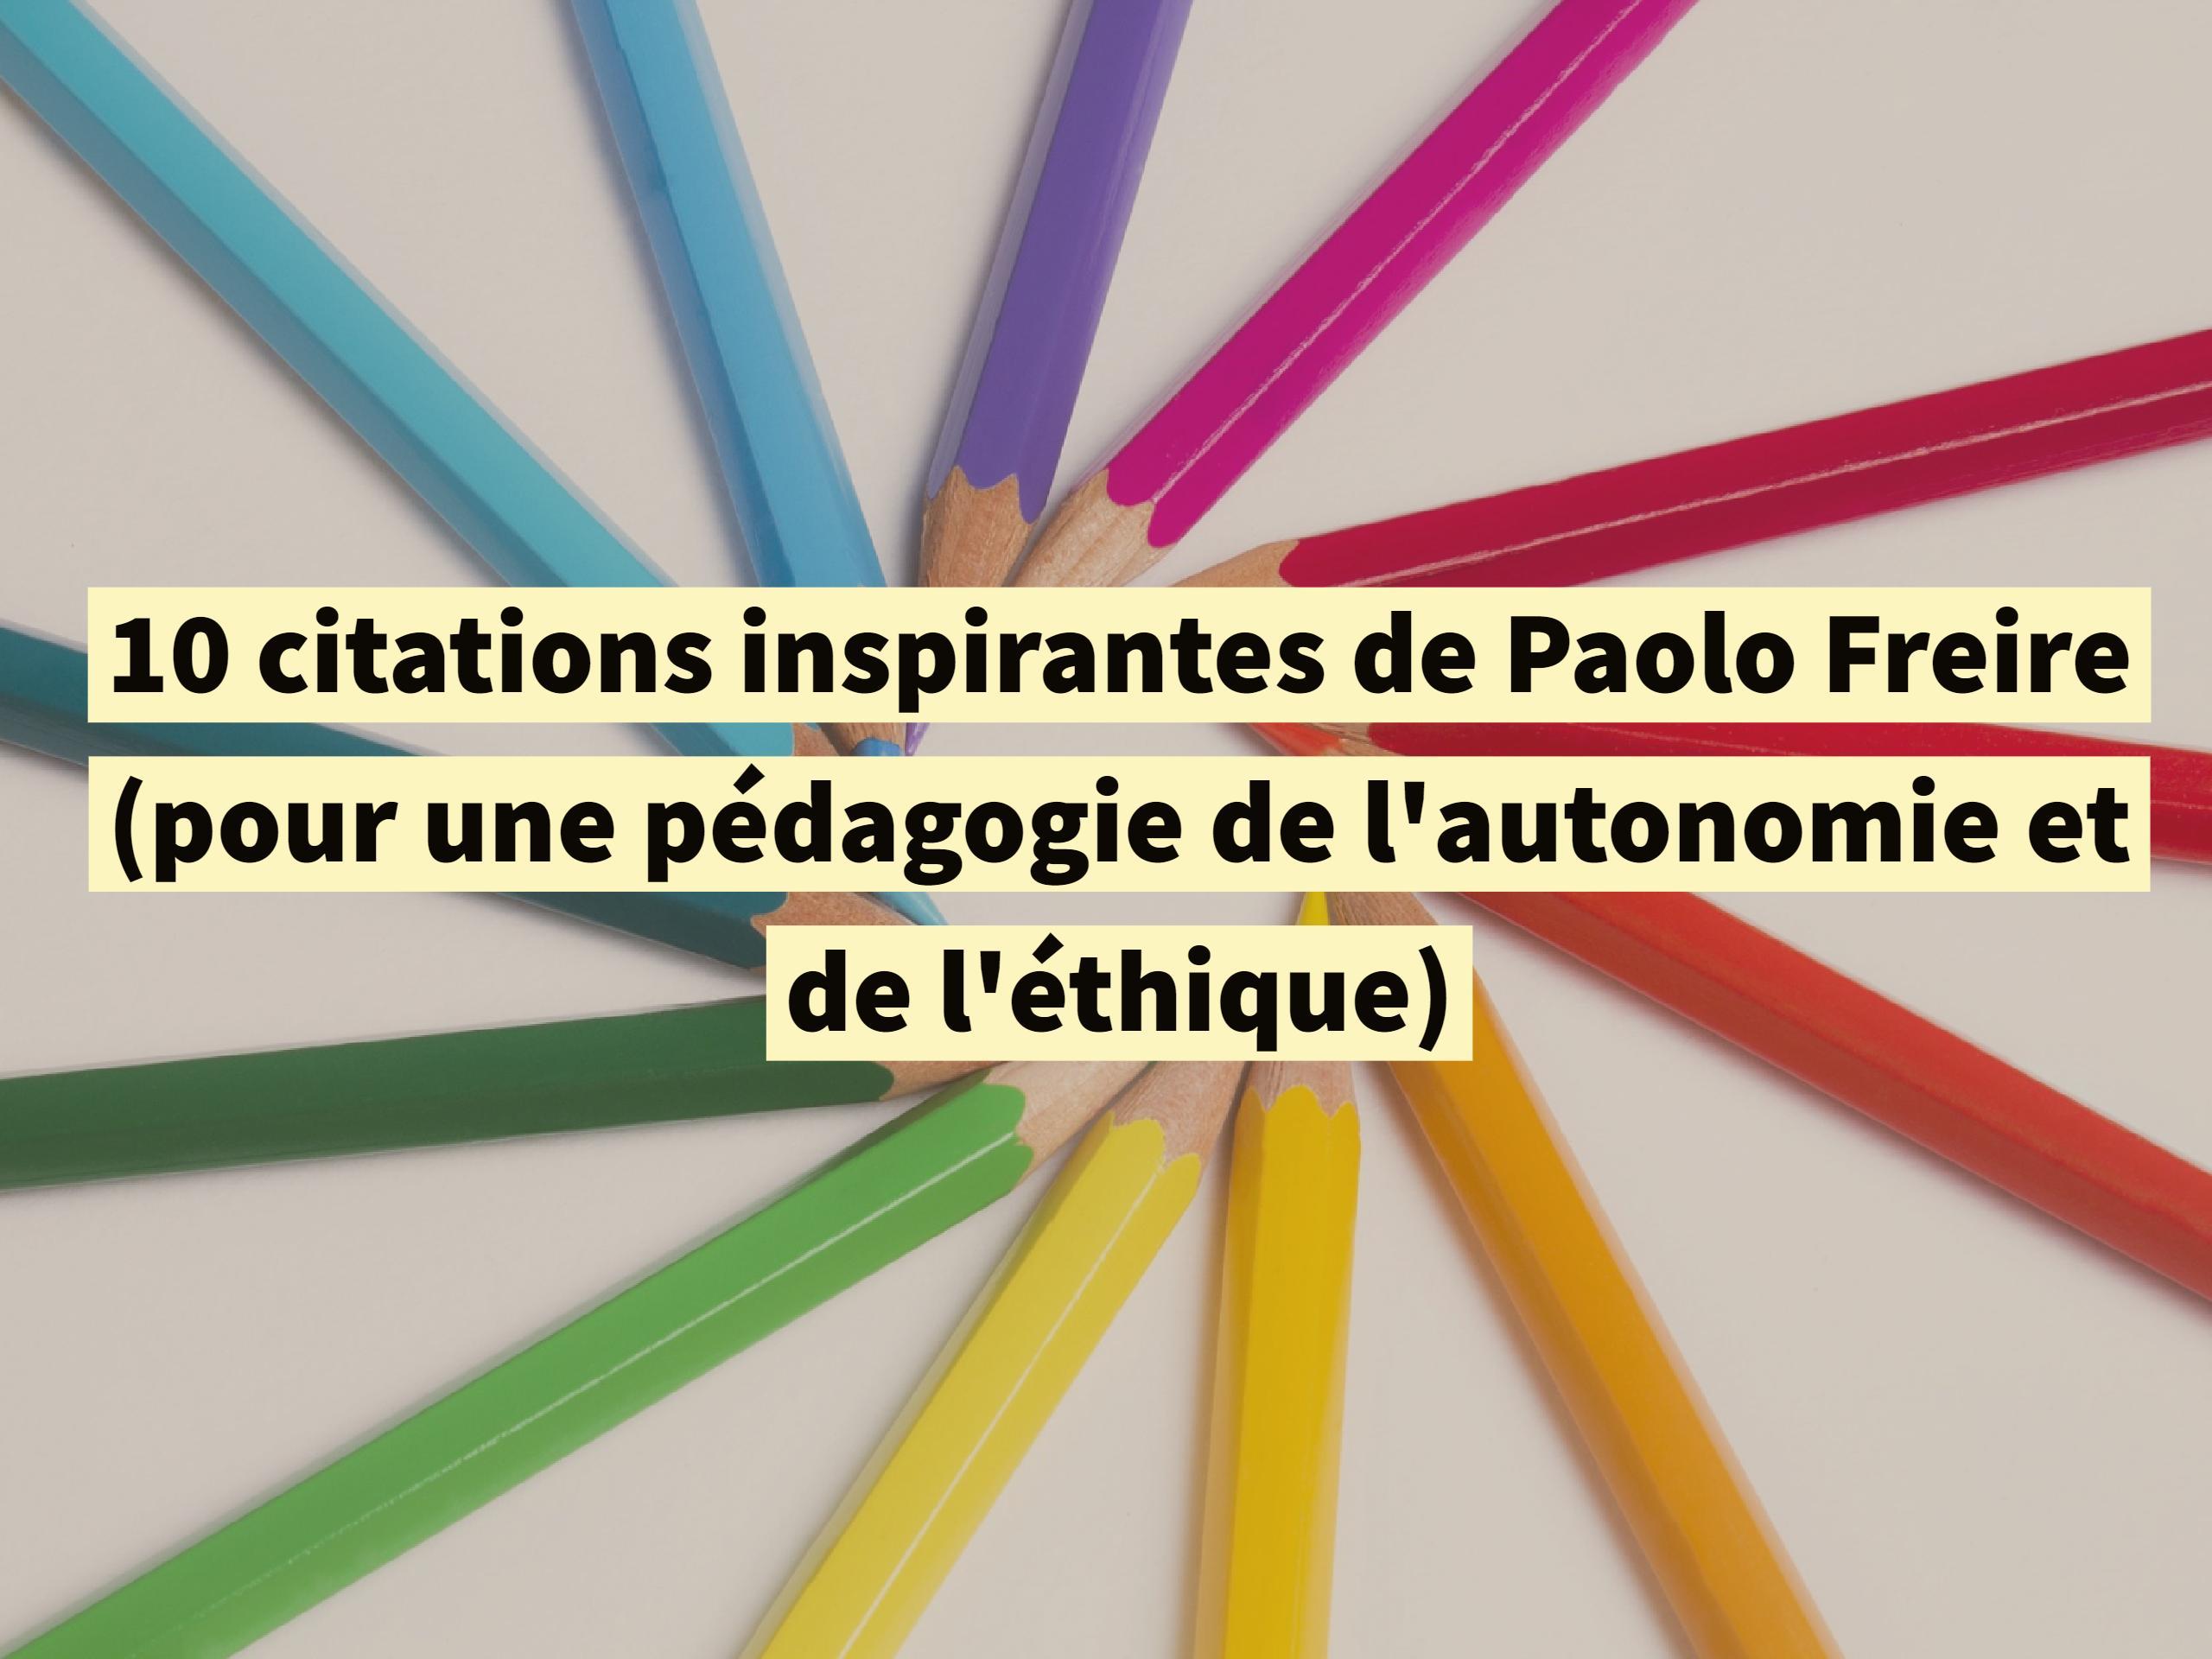 10 Citations Inspirantes De Paolo Freire Pour Une Pedagogie De L